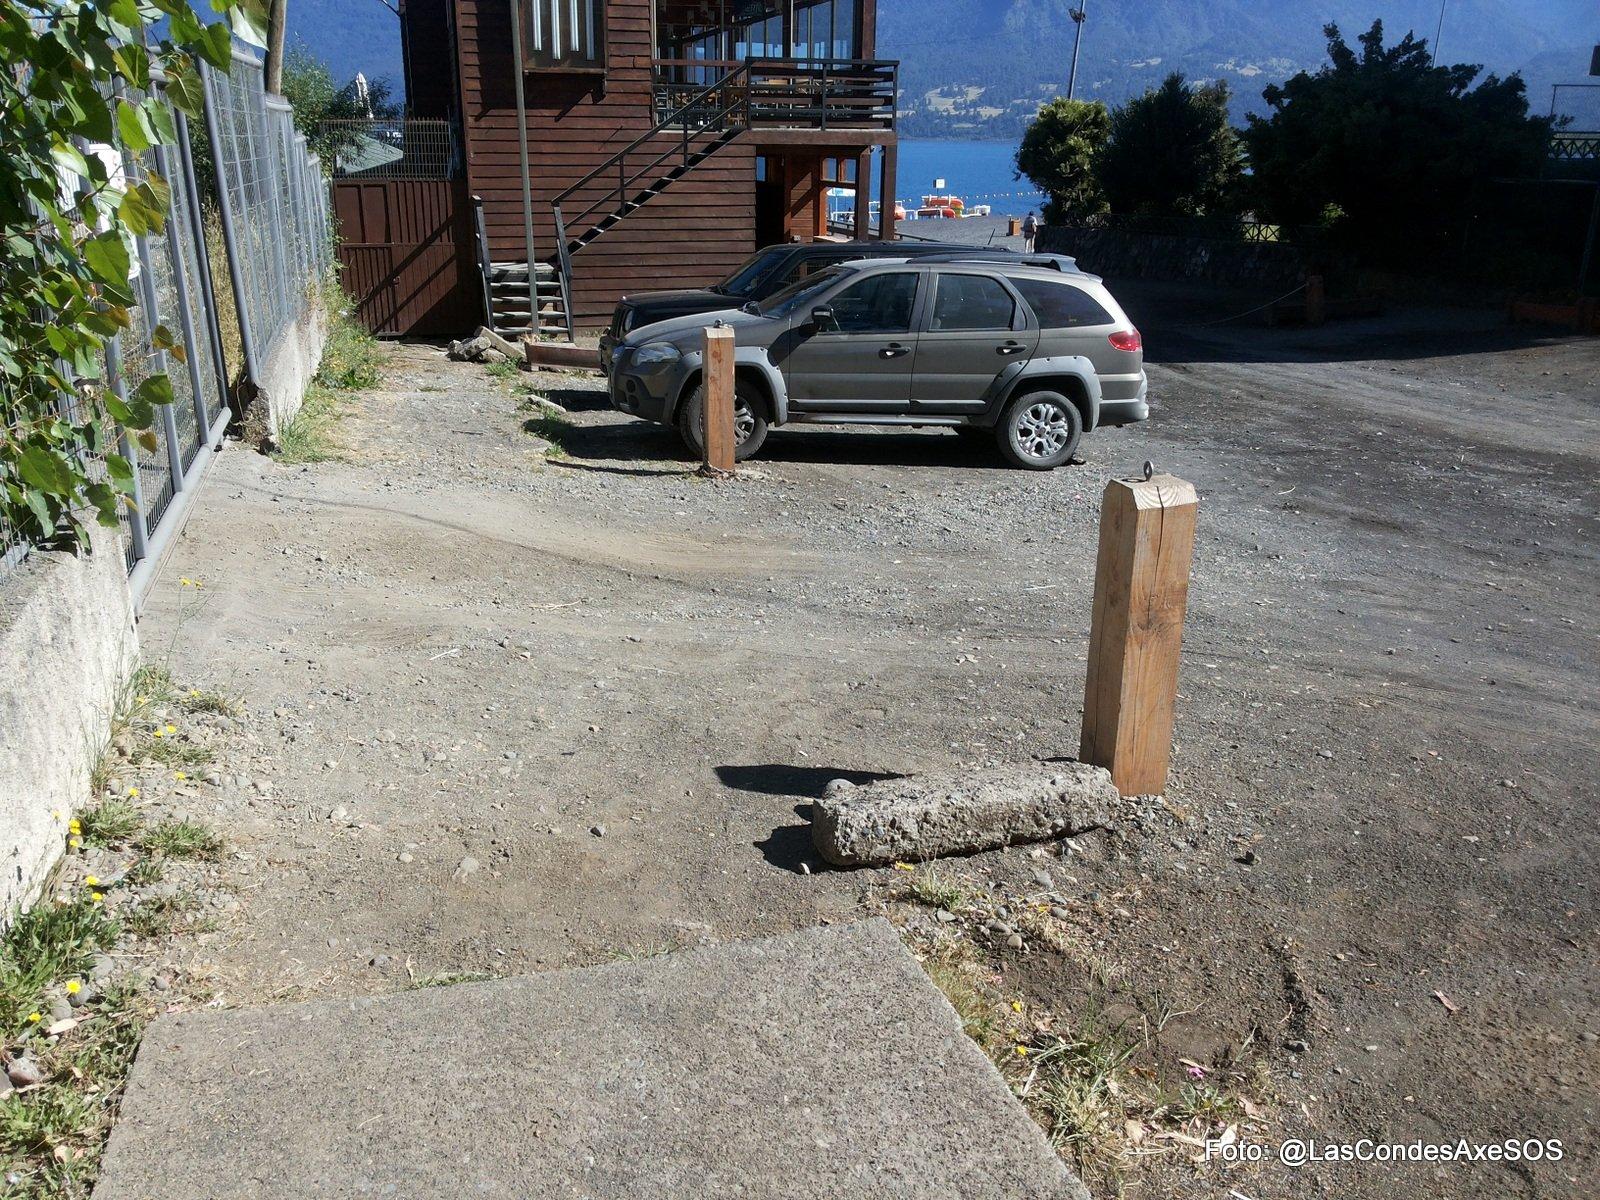 Condiciones de las veredas del acceso poniente a la playa de pucon. Veredas discontinuas, con desniveles y en mal estado